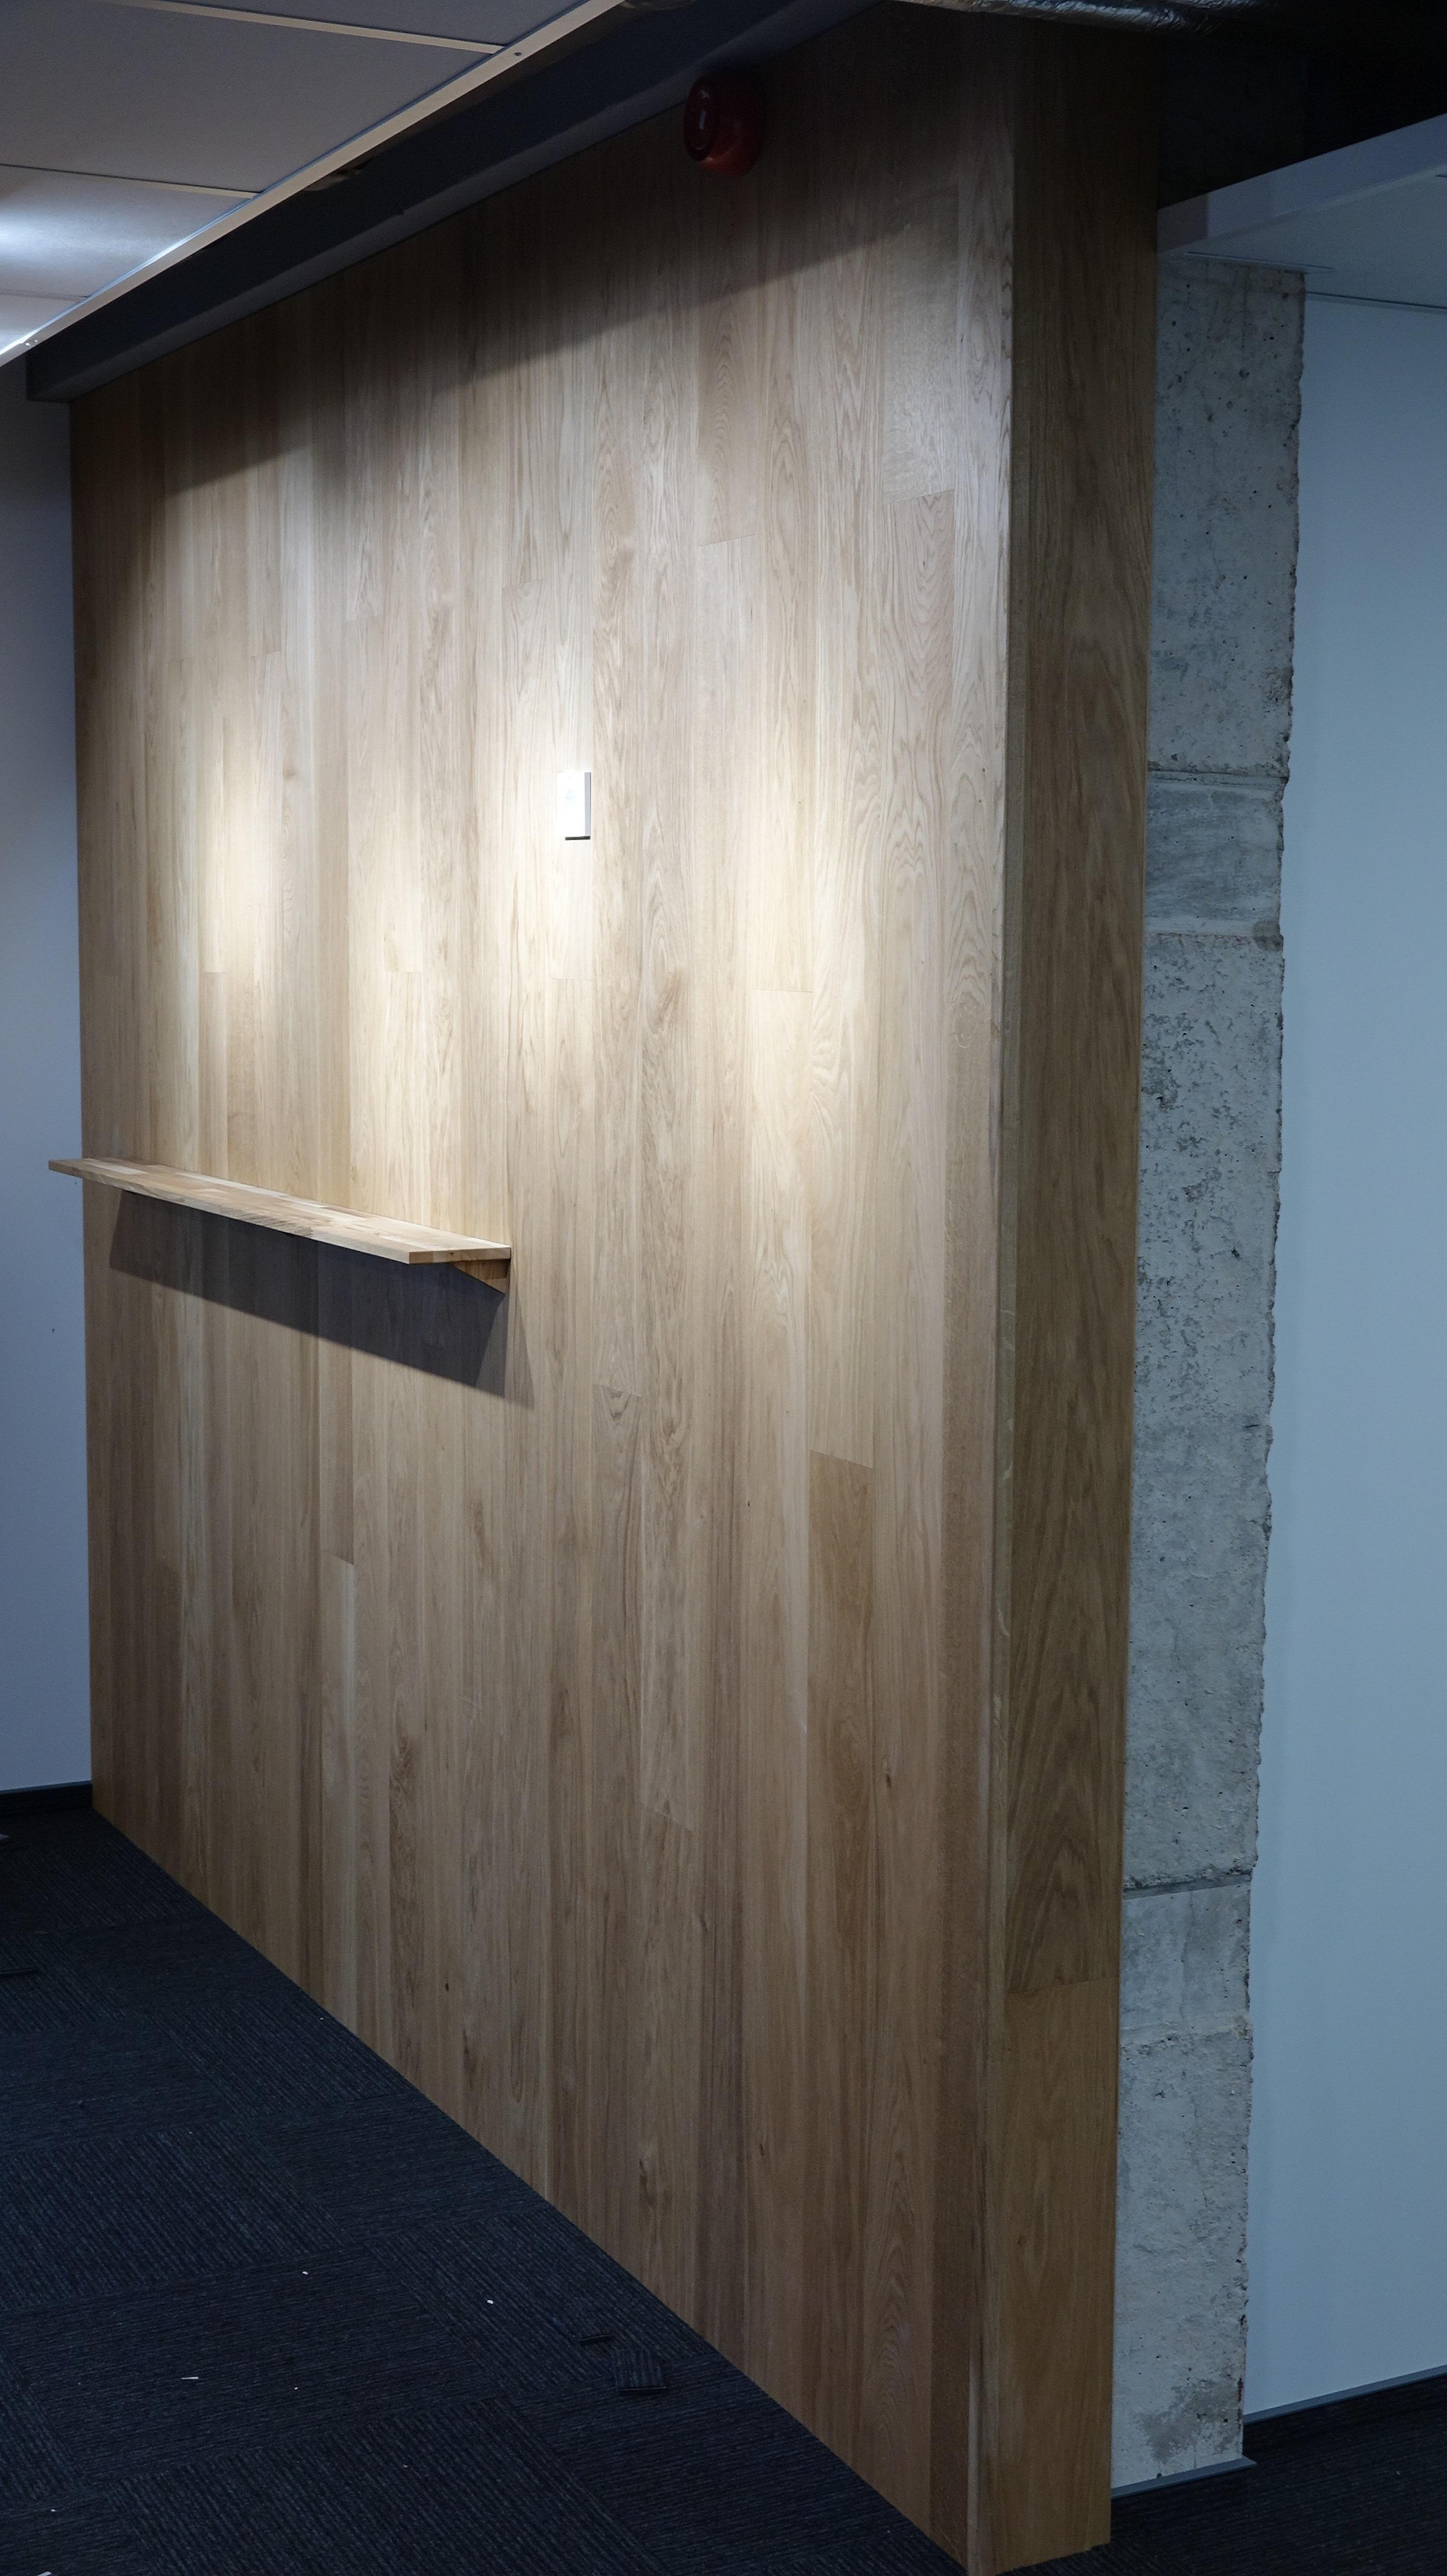 Siena ofise iš ąžuolo parketlenčių su įmontuota lentynėle